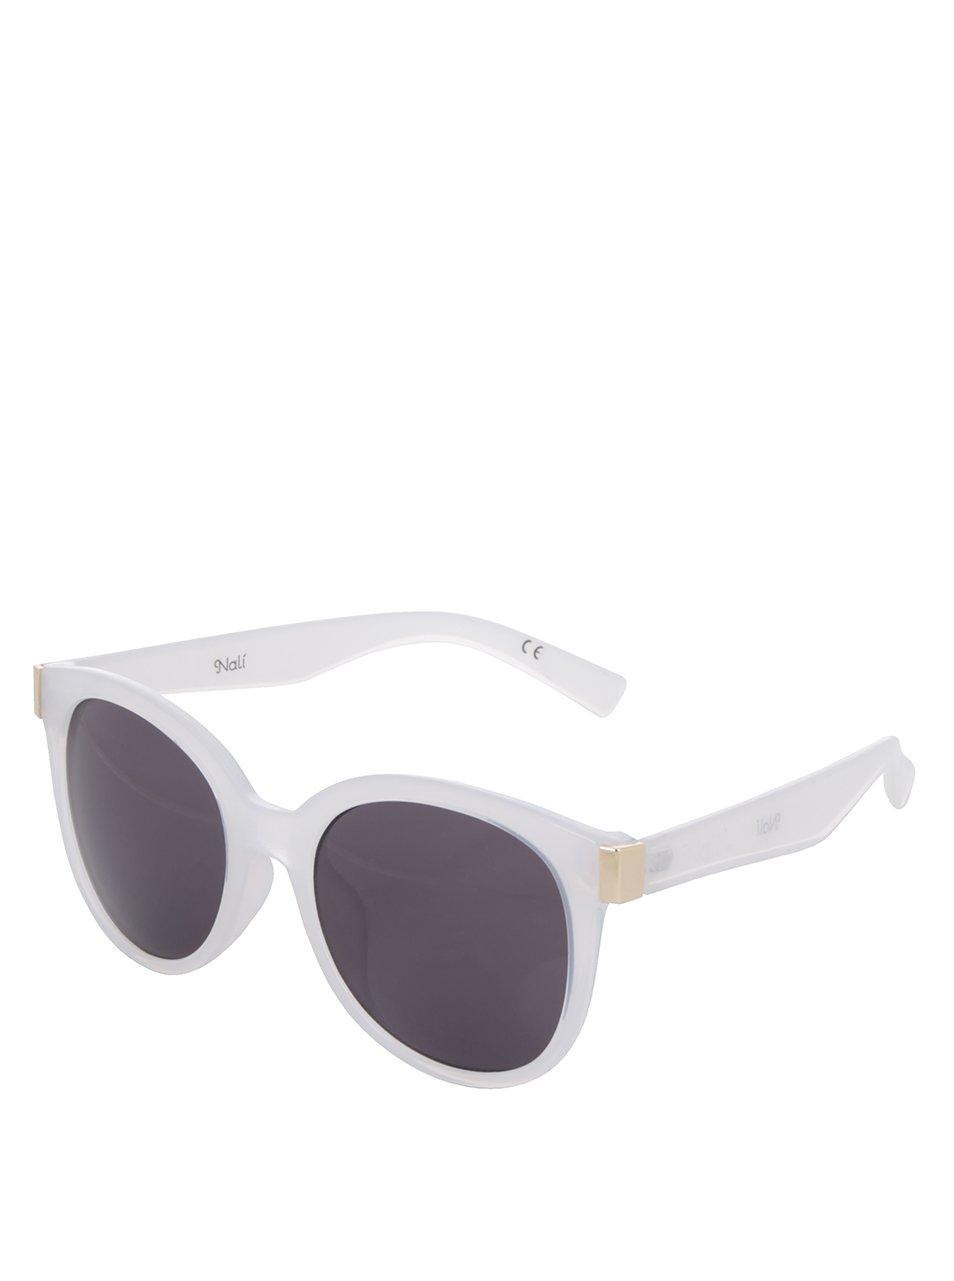 Bílé dámské sluneční brýle s černými skly Nalí